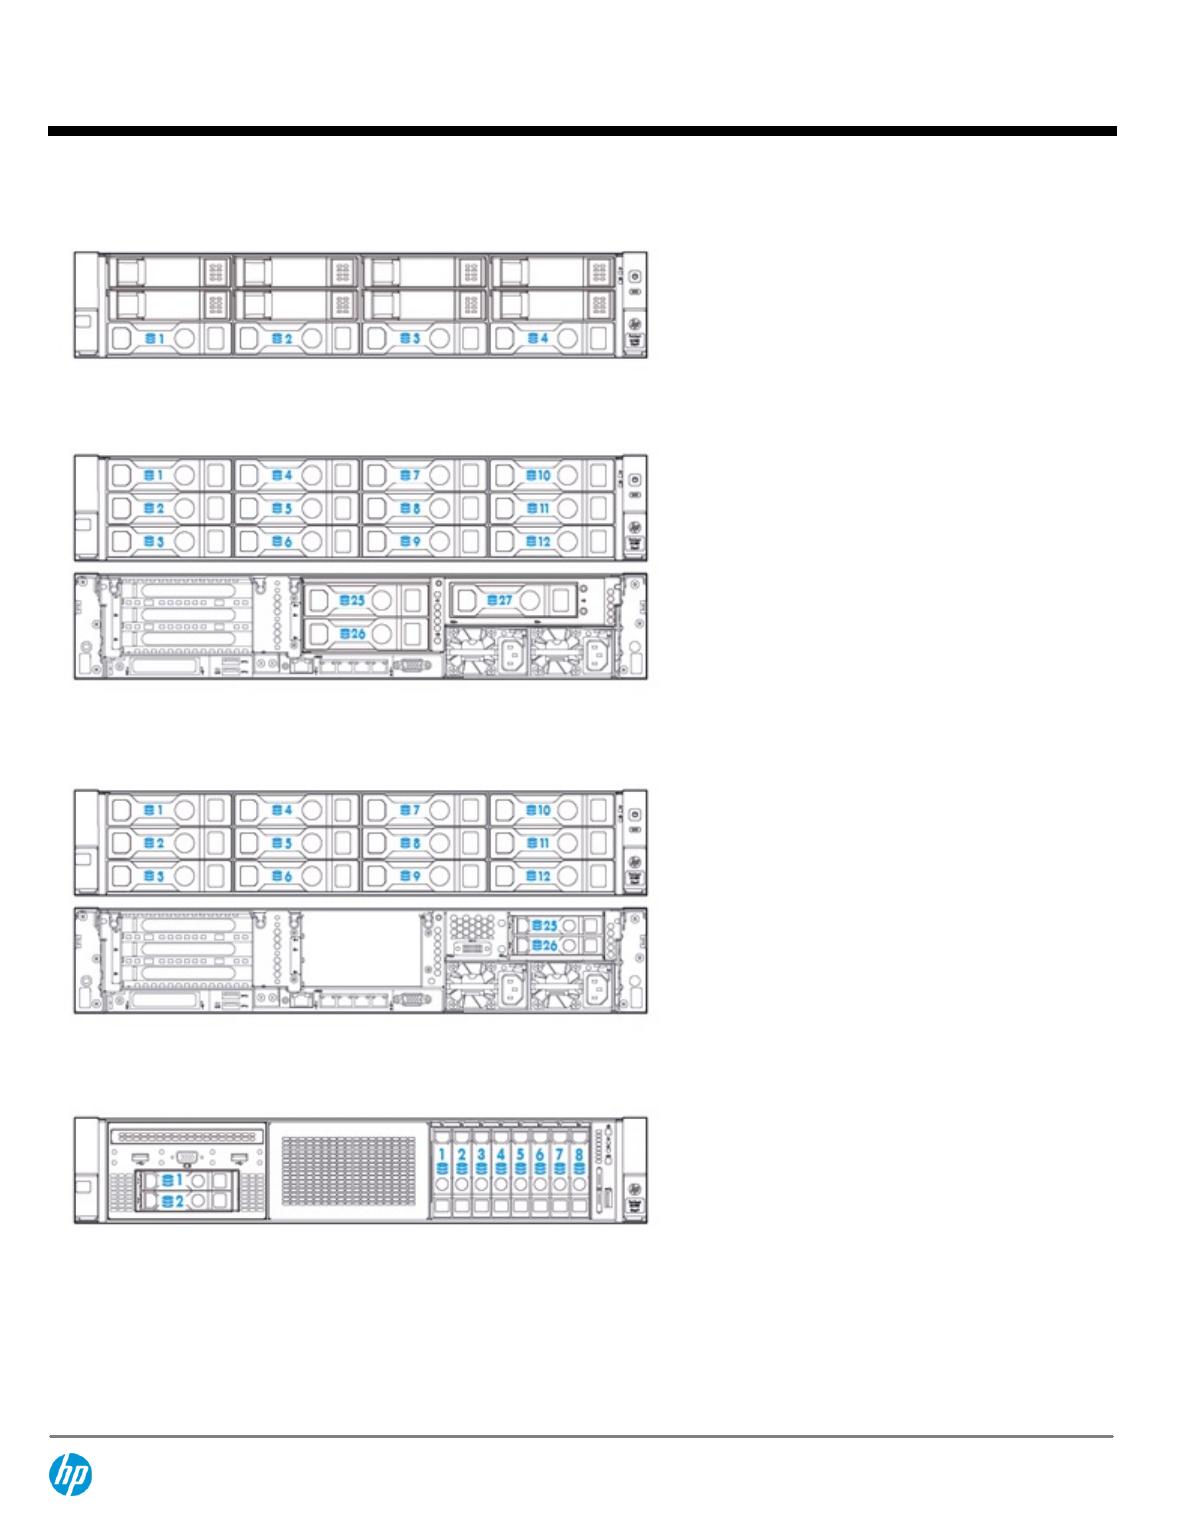 669777 B21 Wiring Diagram Lowrance Hook 7 Elite 127 49 John Deere 4040